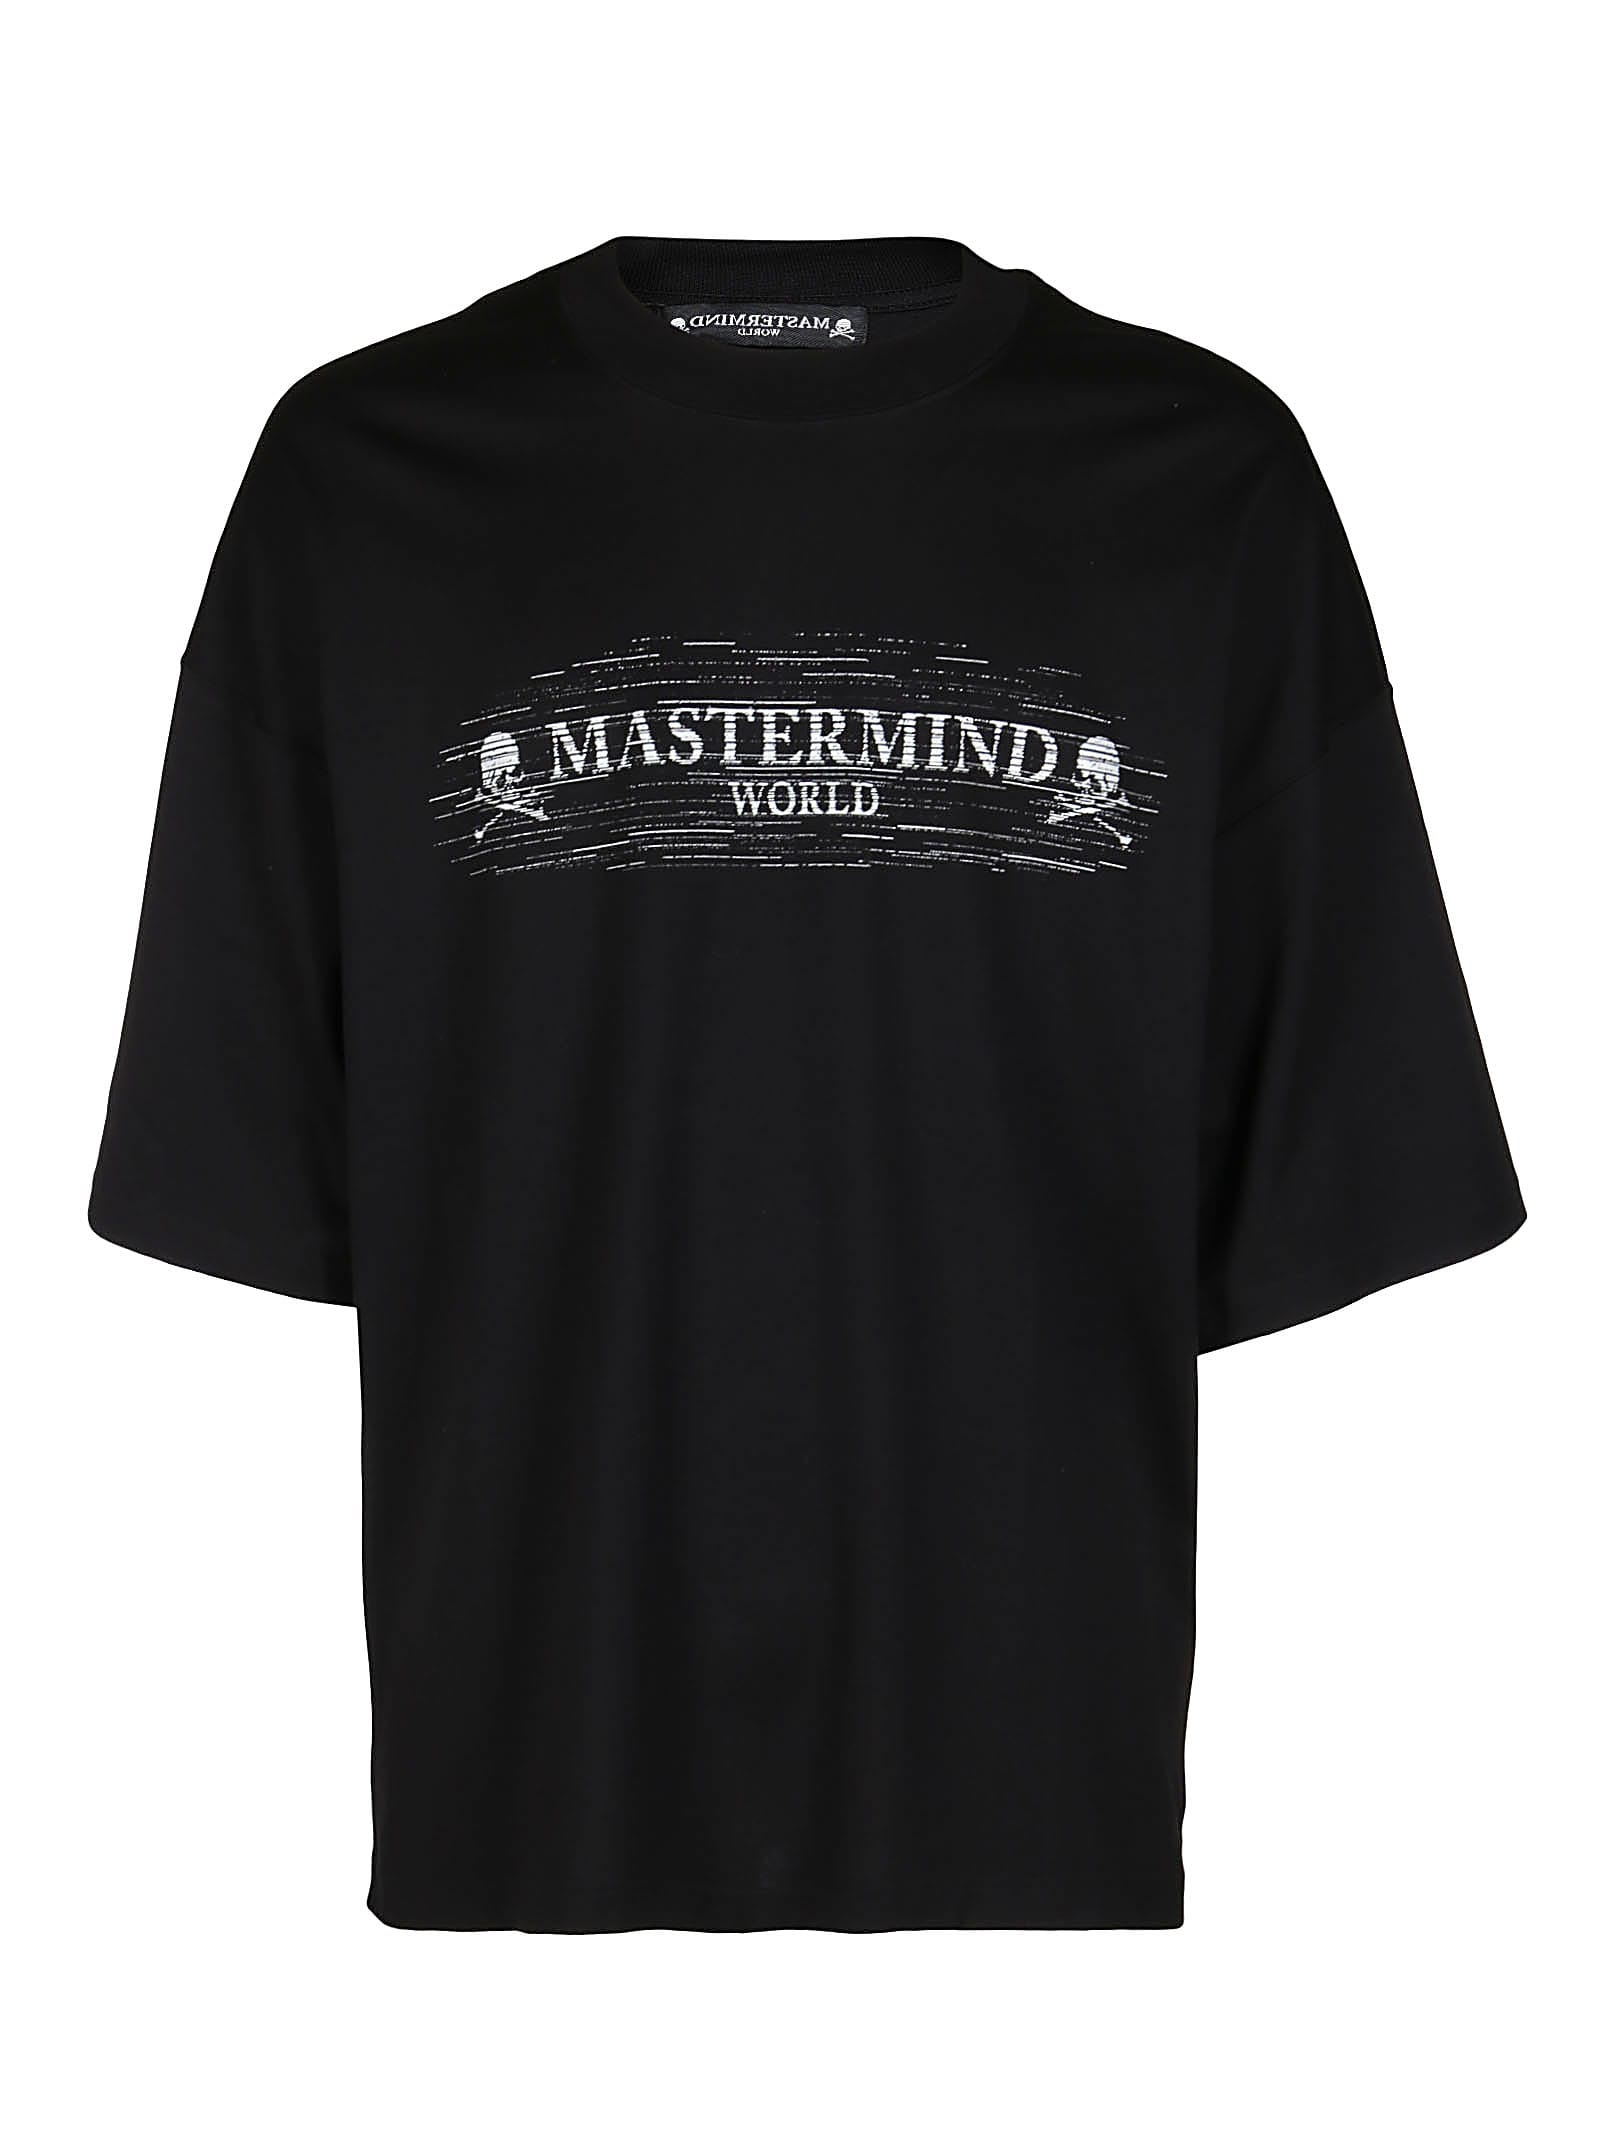 MASTERMIND WORLD Black Cotton T-shirt